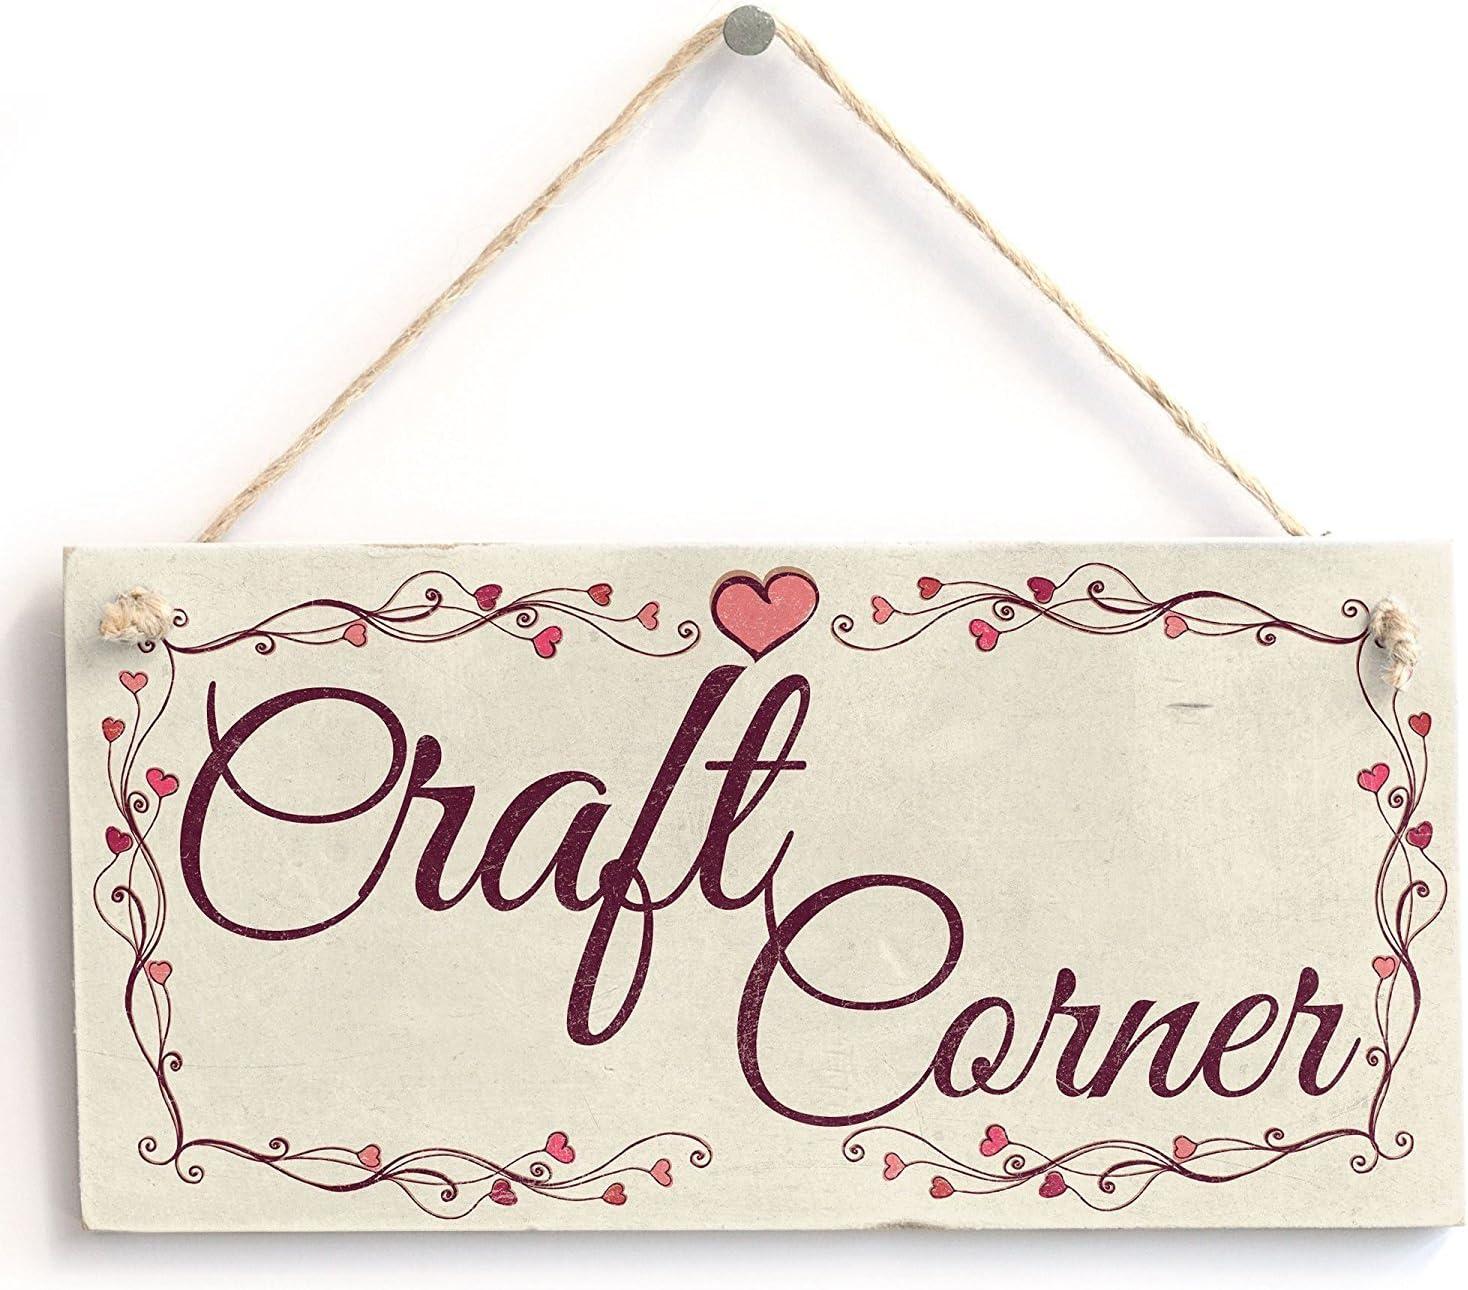 Meijiafei Craft Corner - Heart Design Shabby Chic Door Sign/Plaque 10